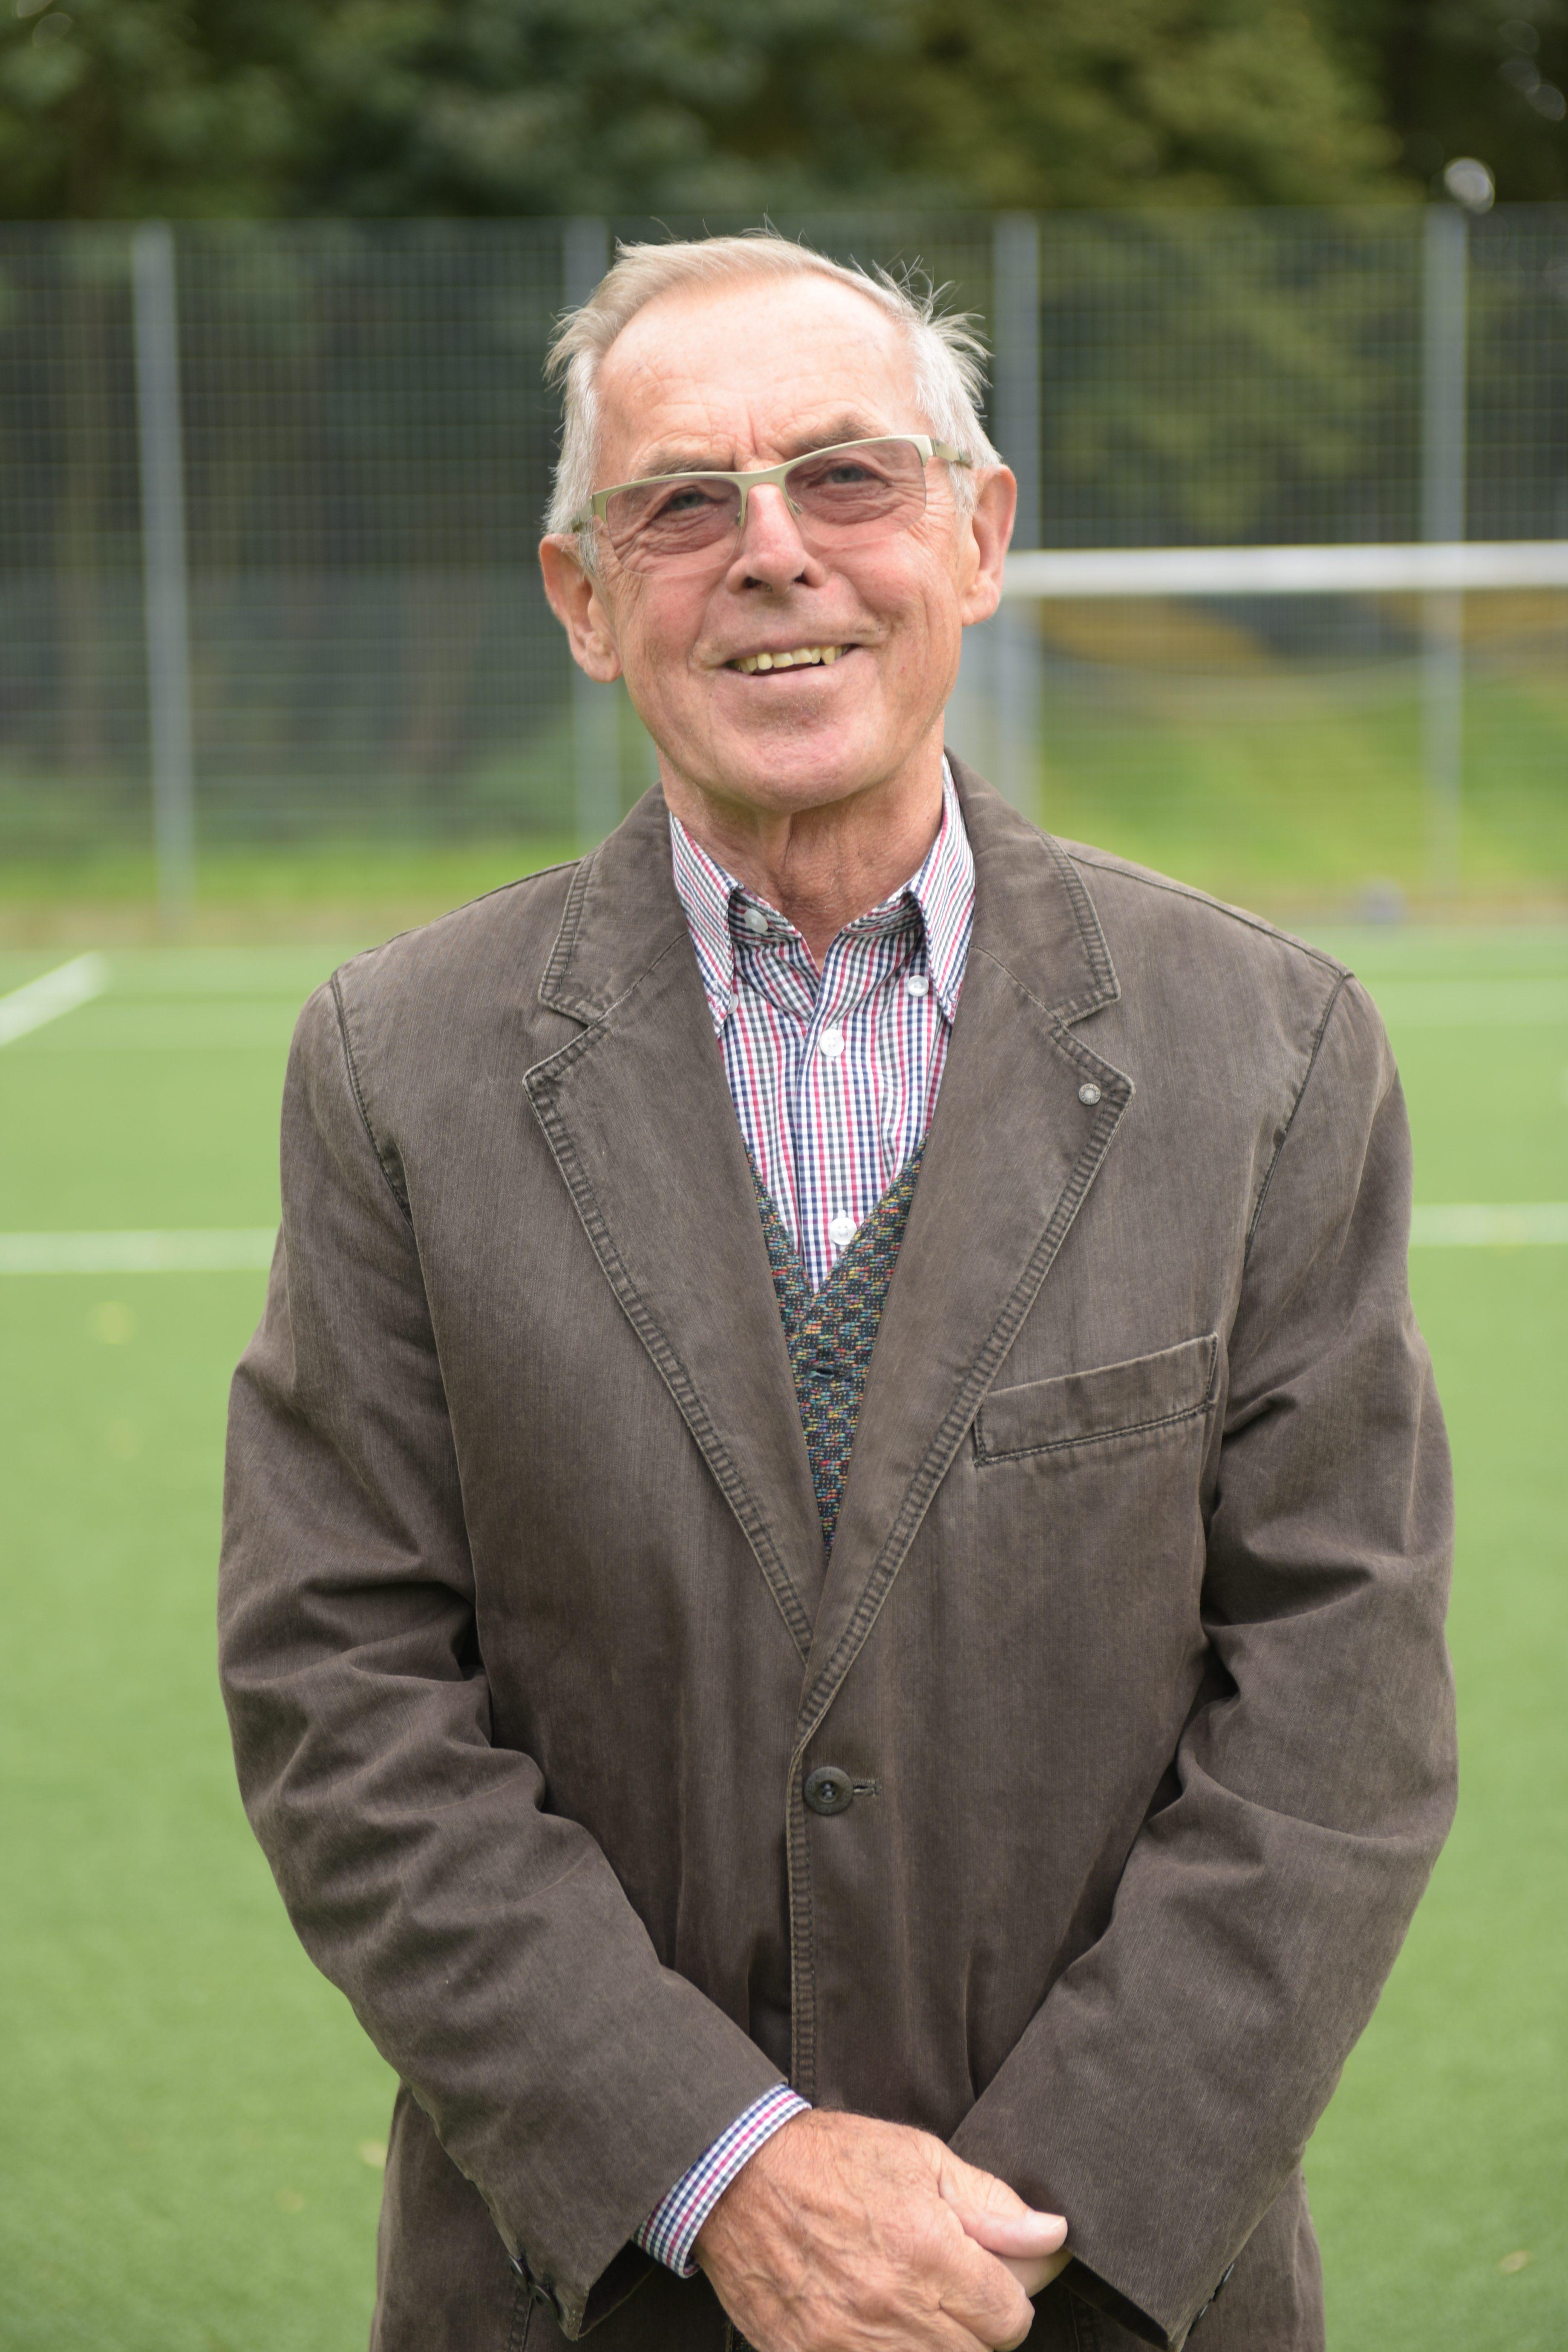 Hans Schieritz